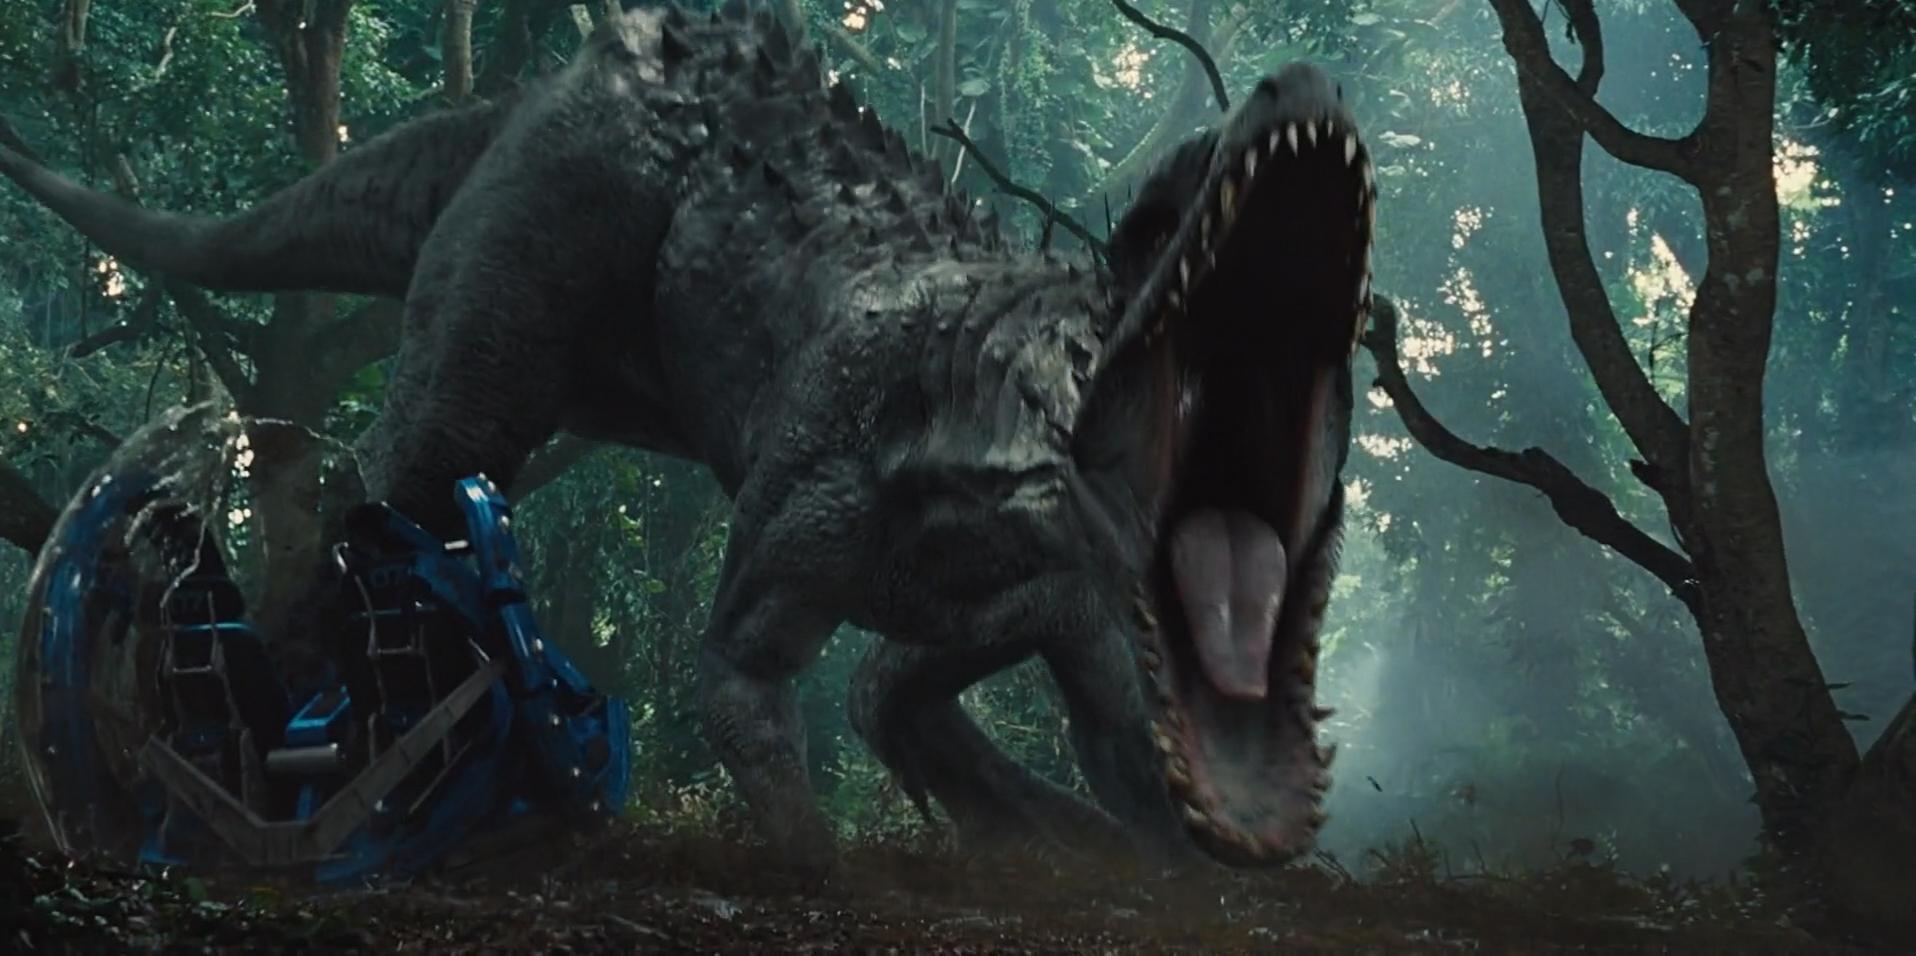 Jurassic World Indominus Rex 1 By Giuseppedirosso On Deviantart